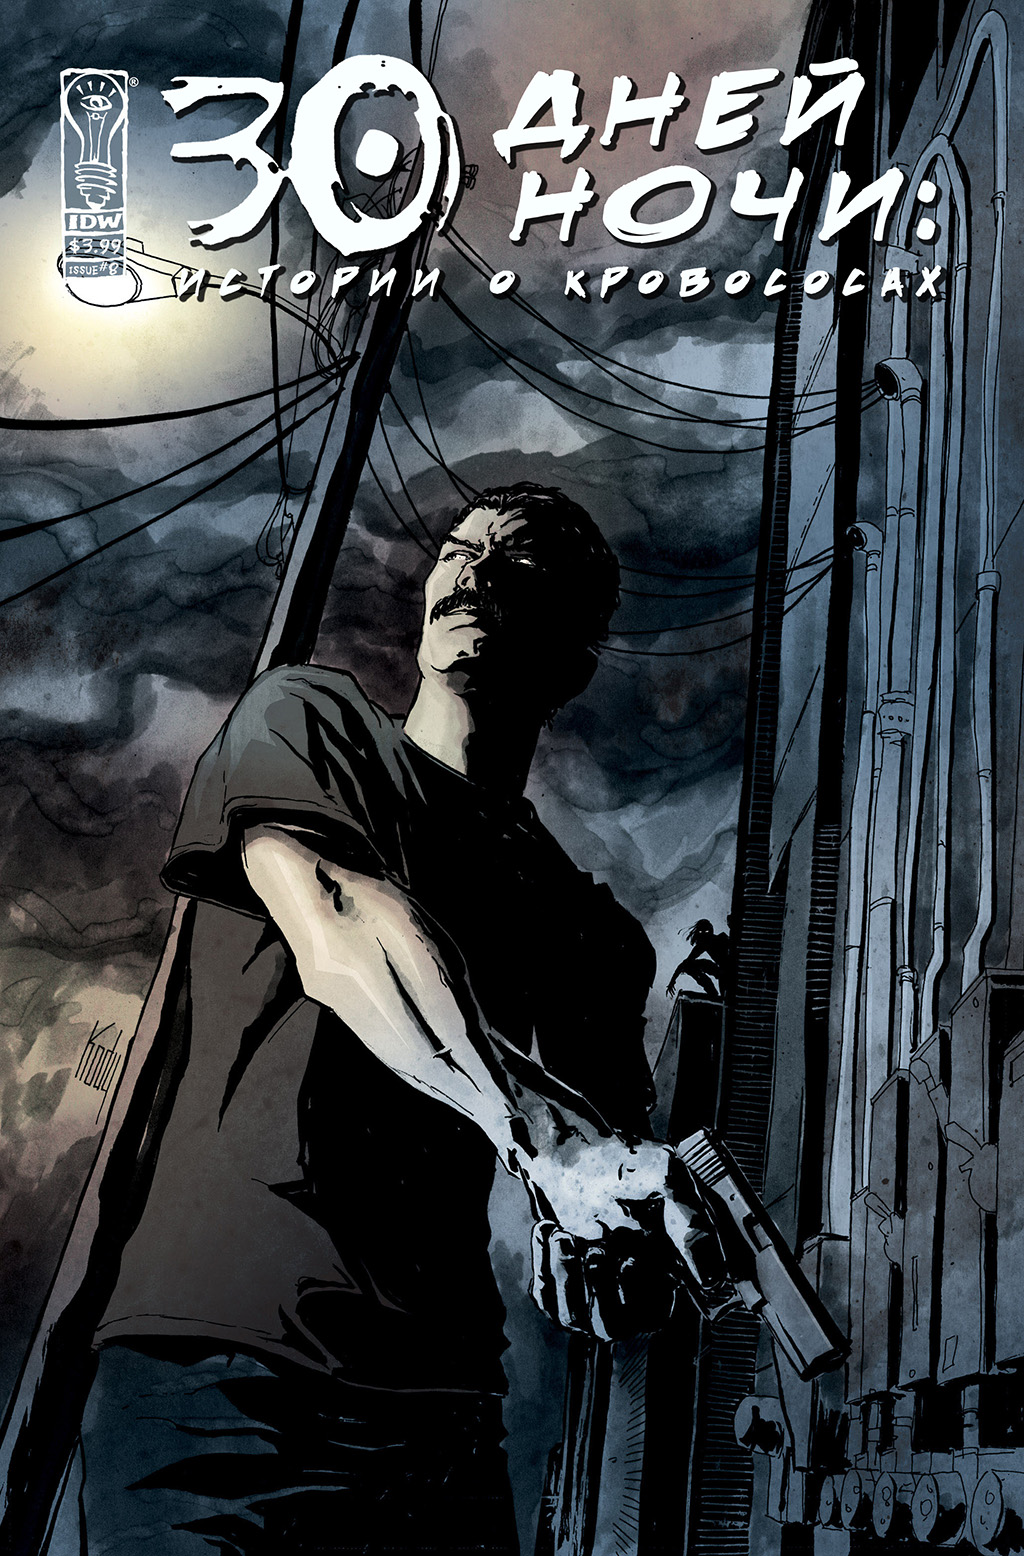 Комикс 30 Дней Ночи - Истории о Кровососах